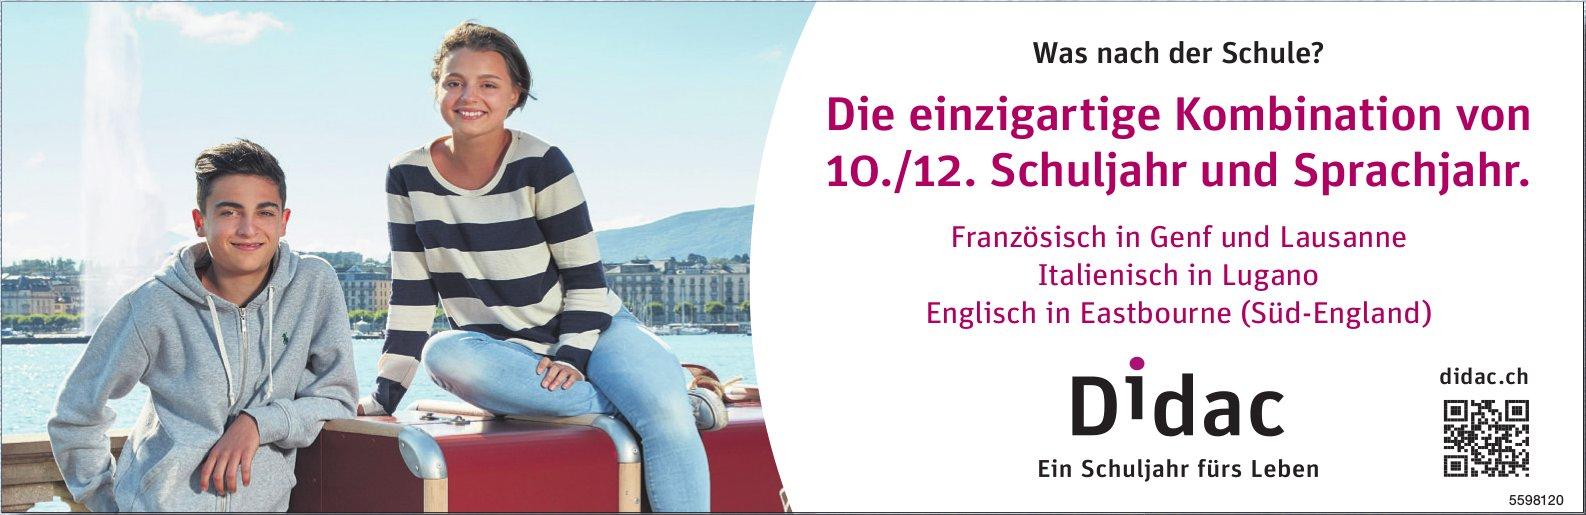 Didac - Die einzigartige Kombination von 10./12. Schuljahr und Sprachjahr.